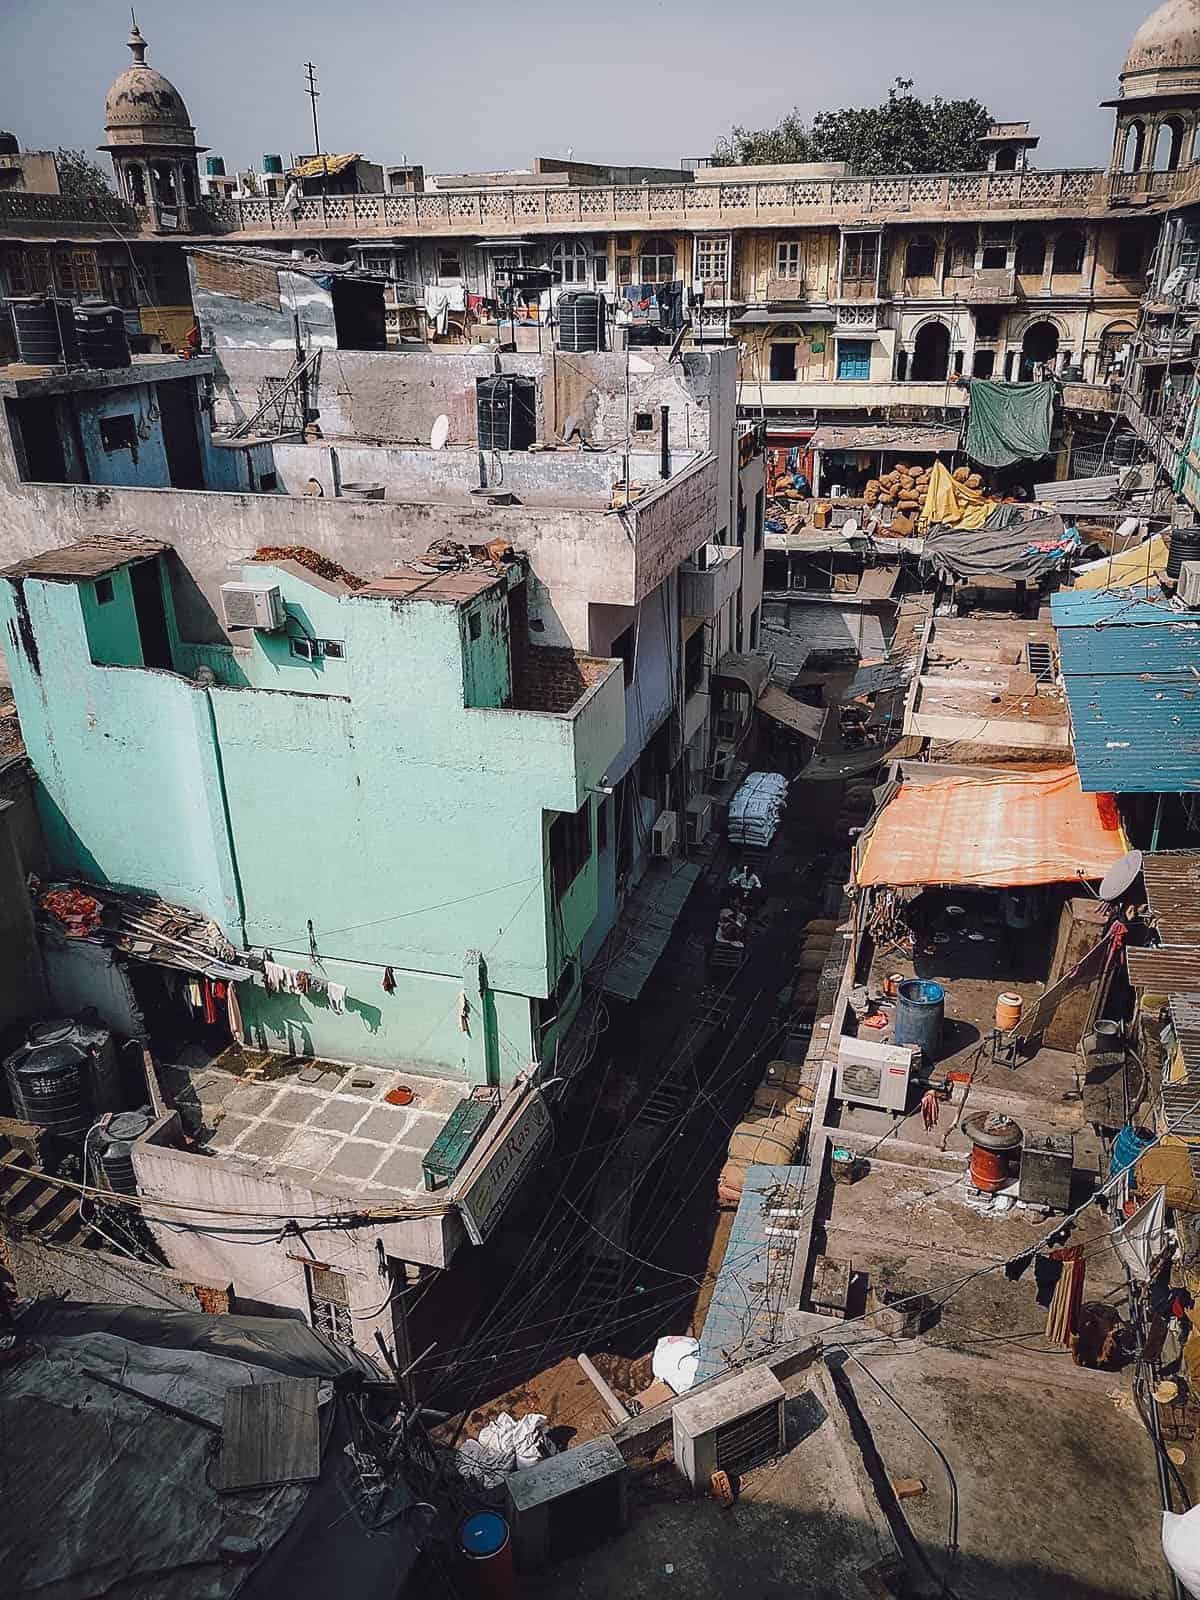 Chandni Chowk Market, Delhi, India